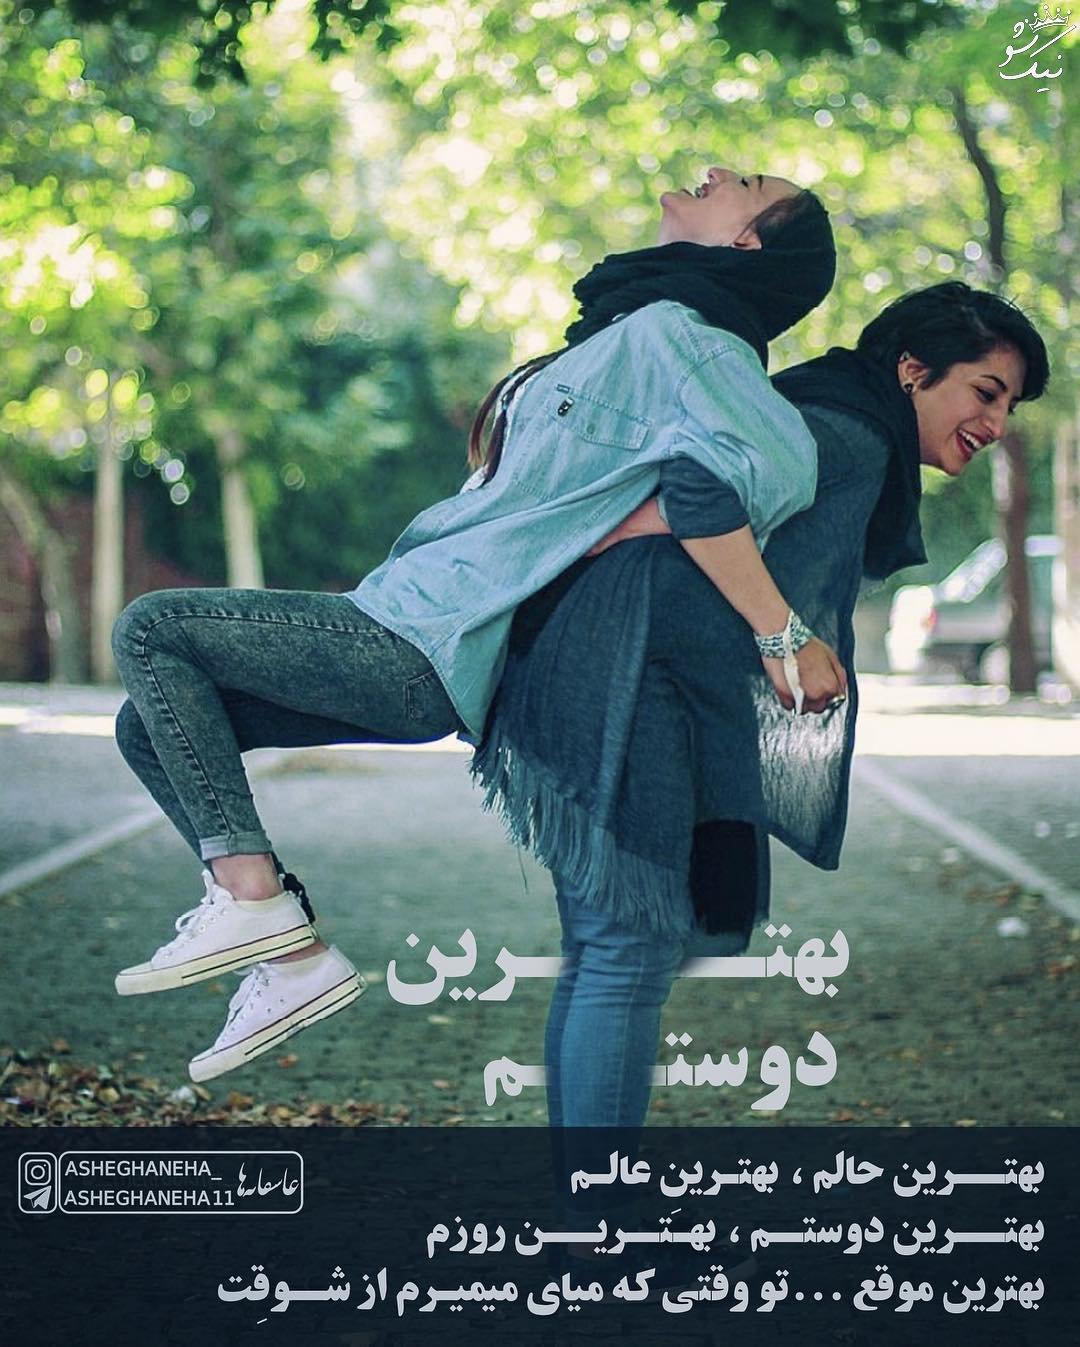 عکسهای عاشقانه بوسیدن و آغوش | متن دار و جدید (64)